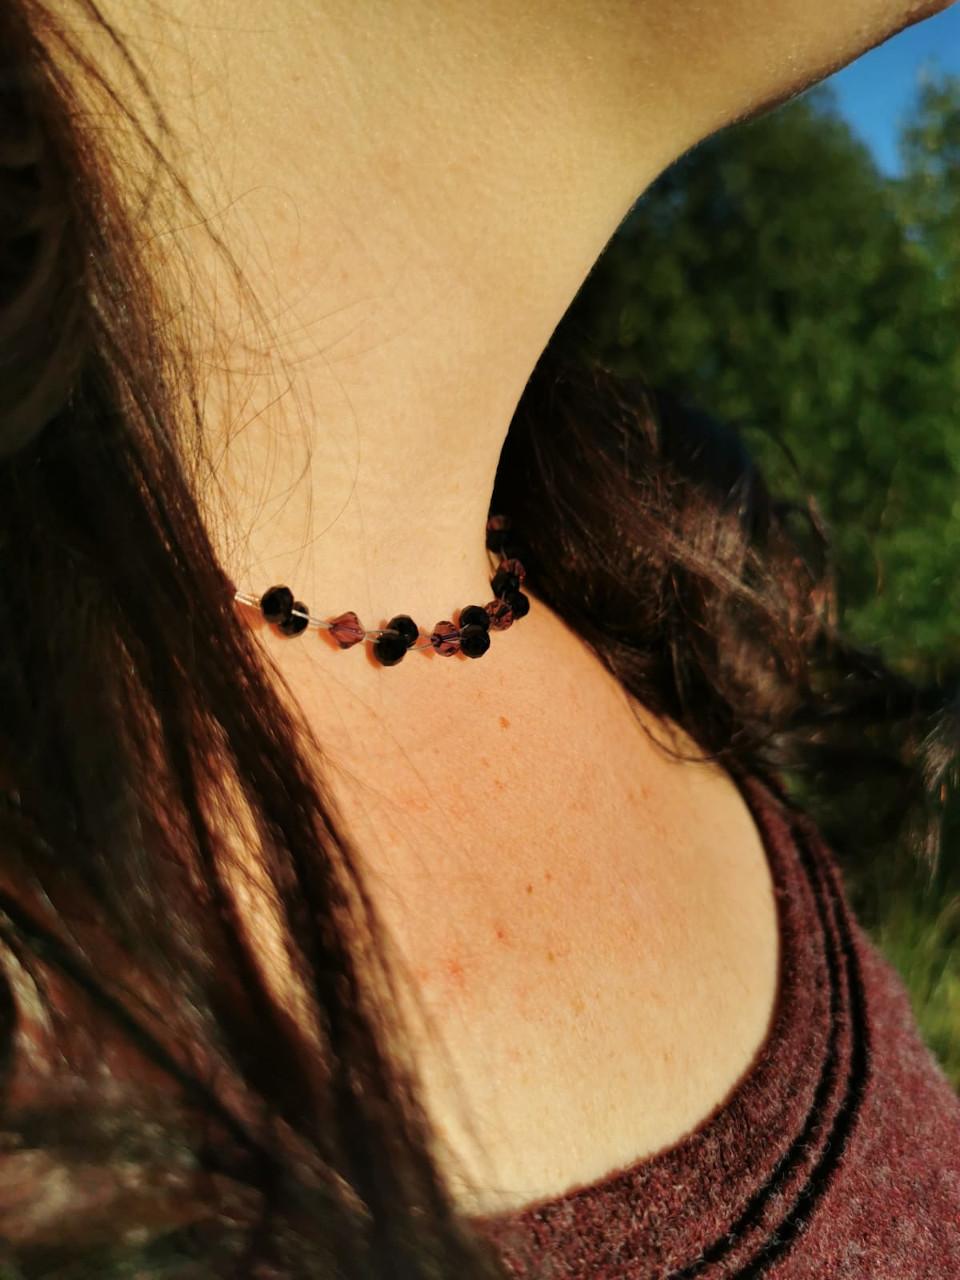 Halskette in lila und schwarz - schwarze und amethystfarbene Kette